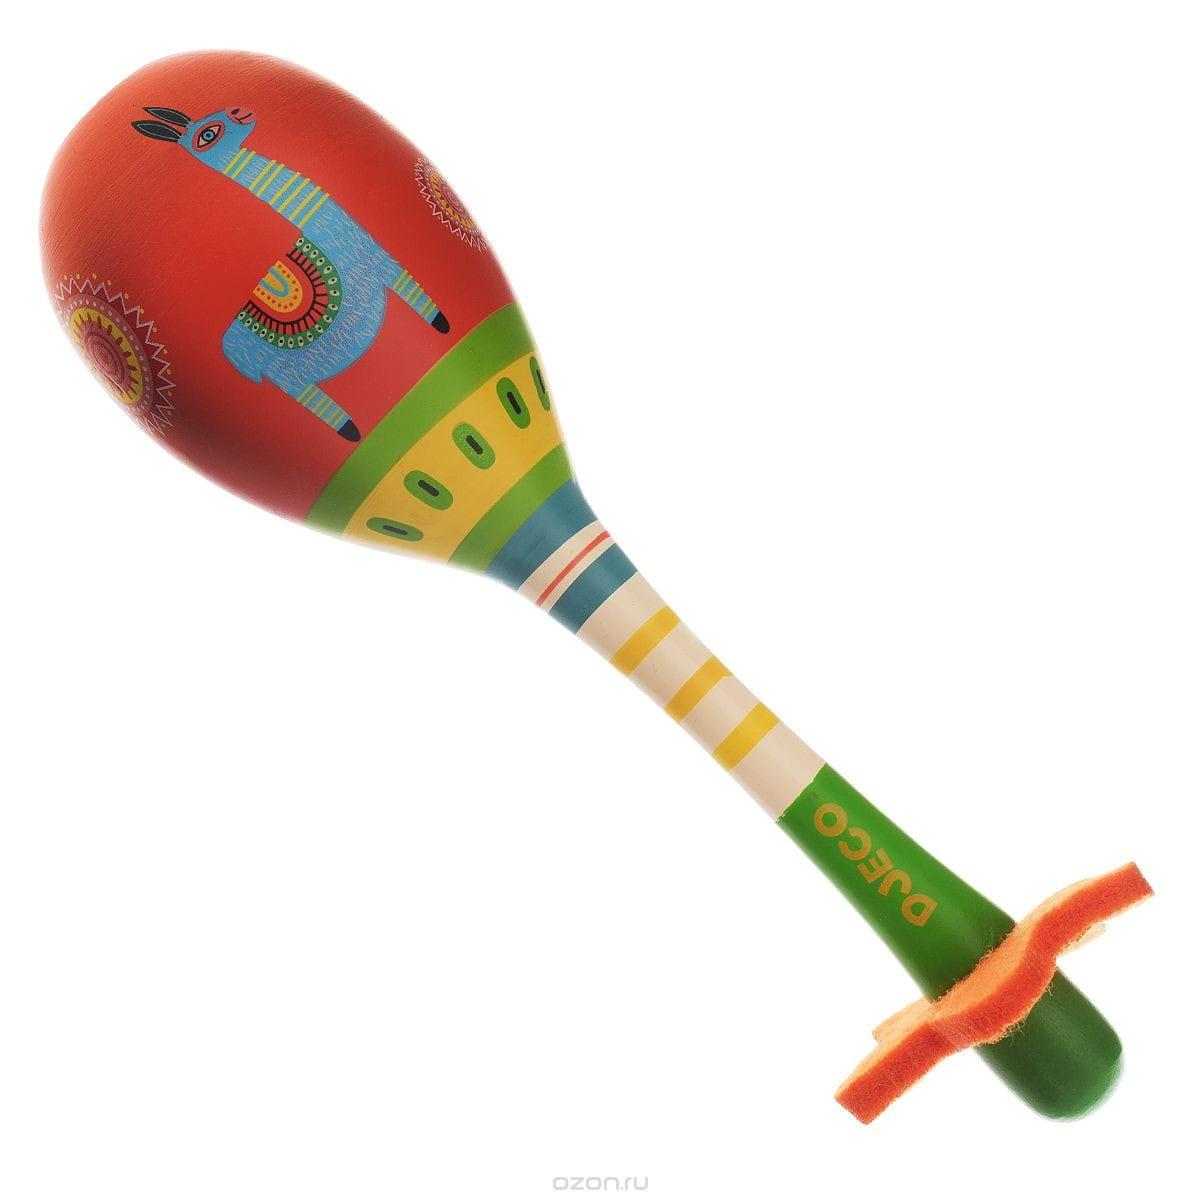 Музыкальная игрушка Djeco 06008 Маракас